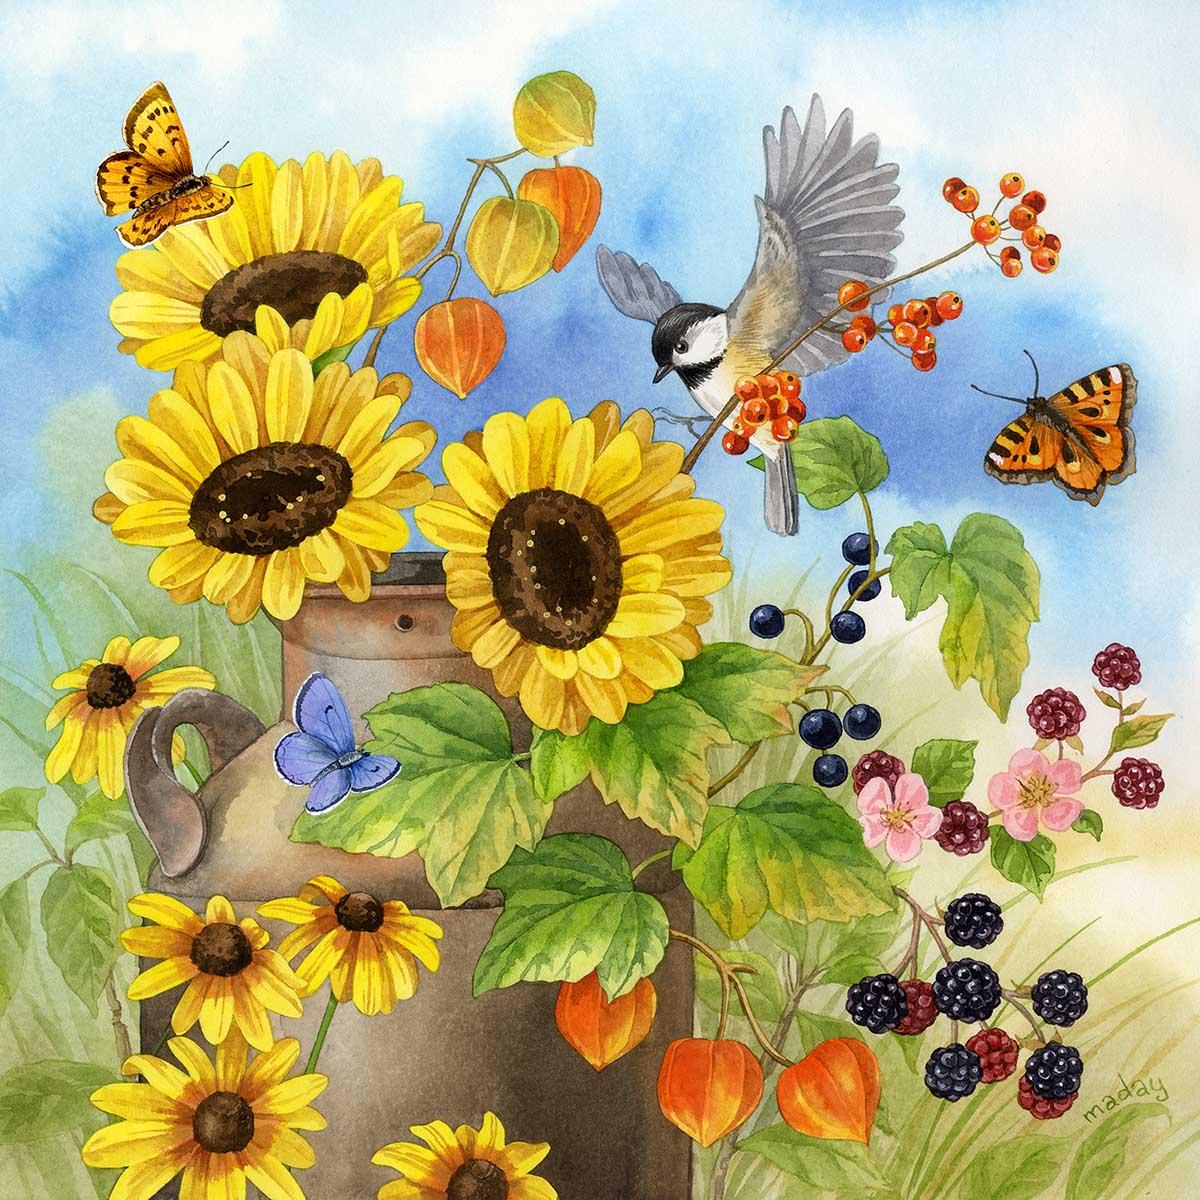 Milkcan Bouquet Birds Jigsaw Puzzle